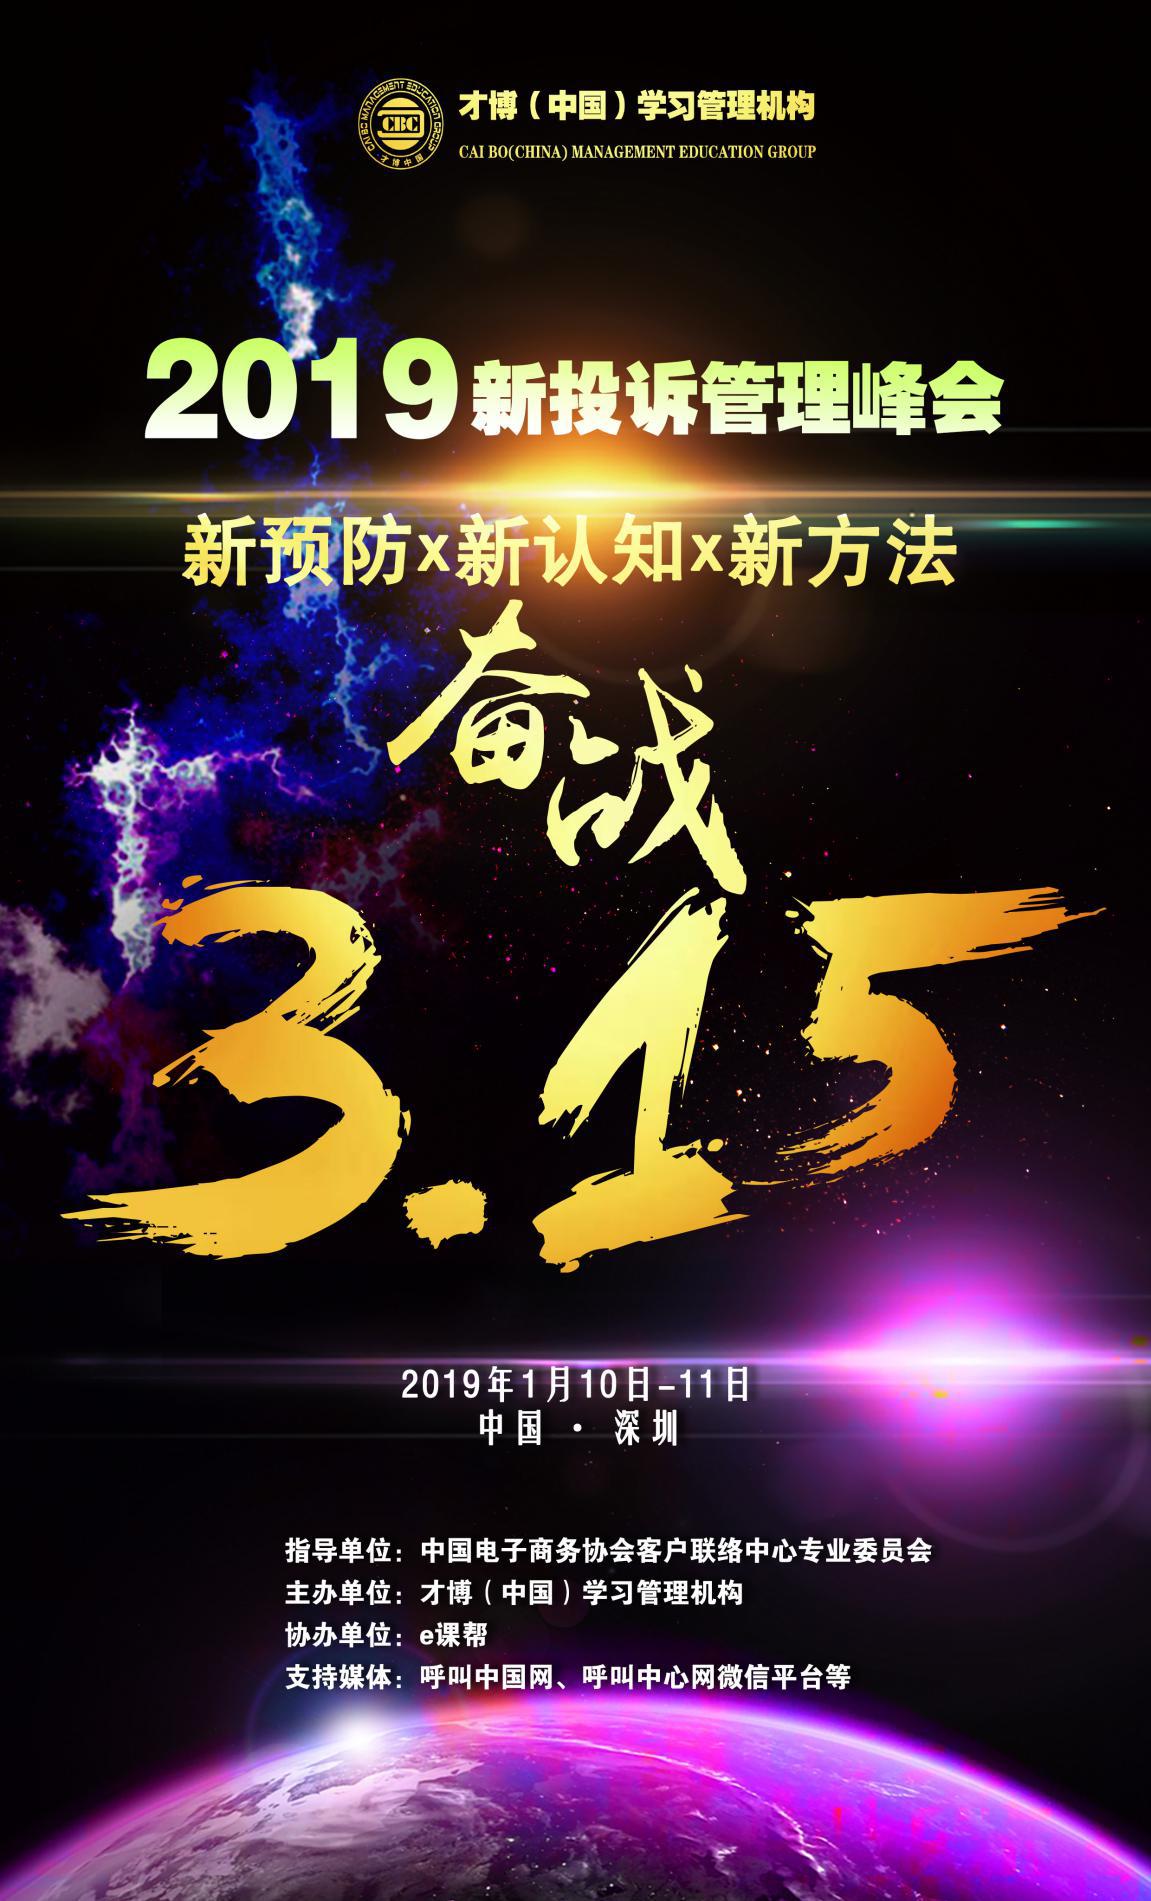 <b>2019 新投诉管理峰会~新预防x新认知x新方法 奋战3·15</b>